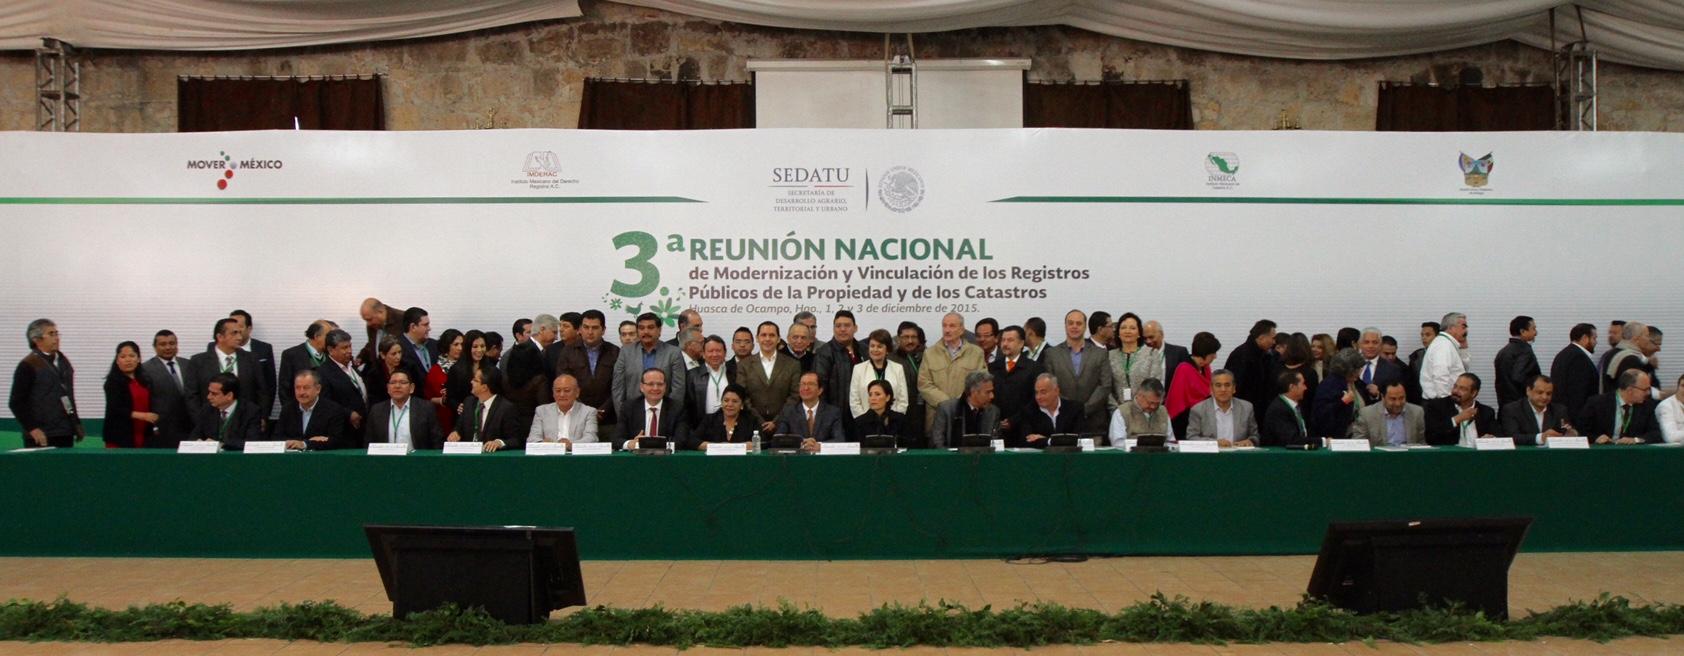 Rosario Robles, titular de SEDATU encabeza el presídium ante invitados y ponentes de distintos institutos relacionados con la vivienda, así como del Tribunal de lo Contencioso Administrativo del Distrito Federal, del RAN, de la Presidencia de la República